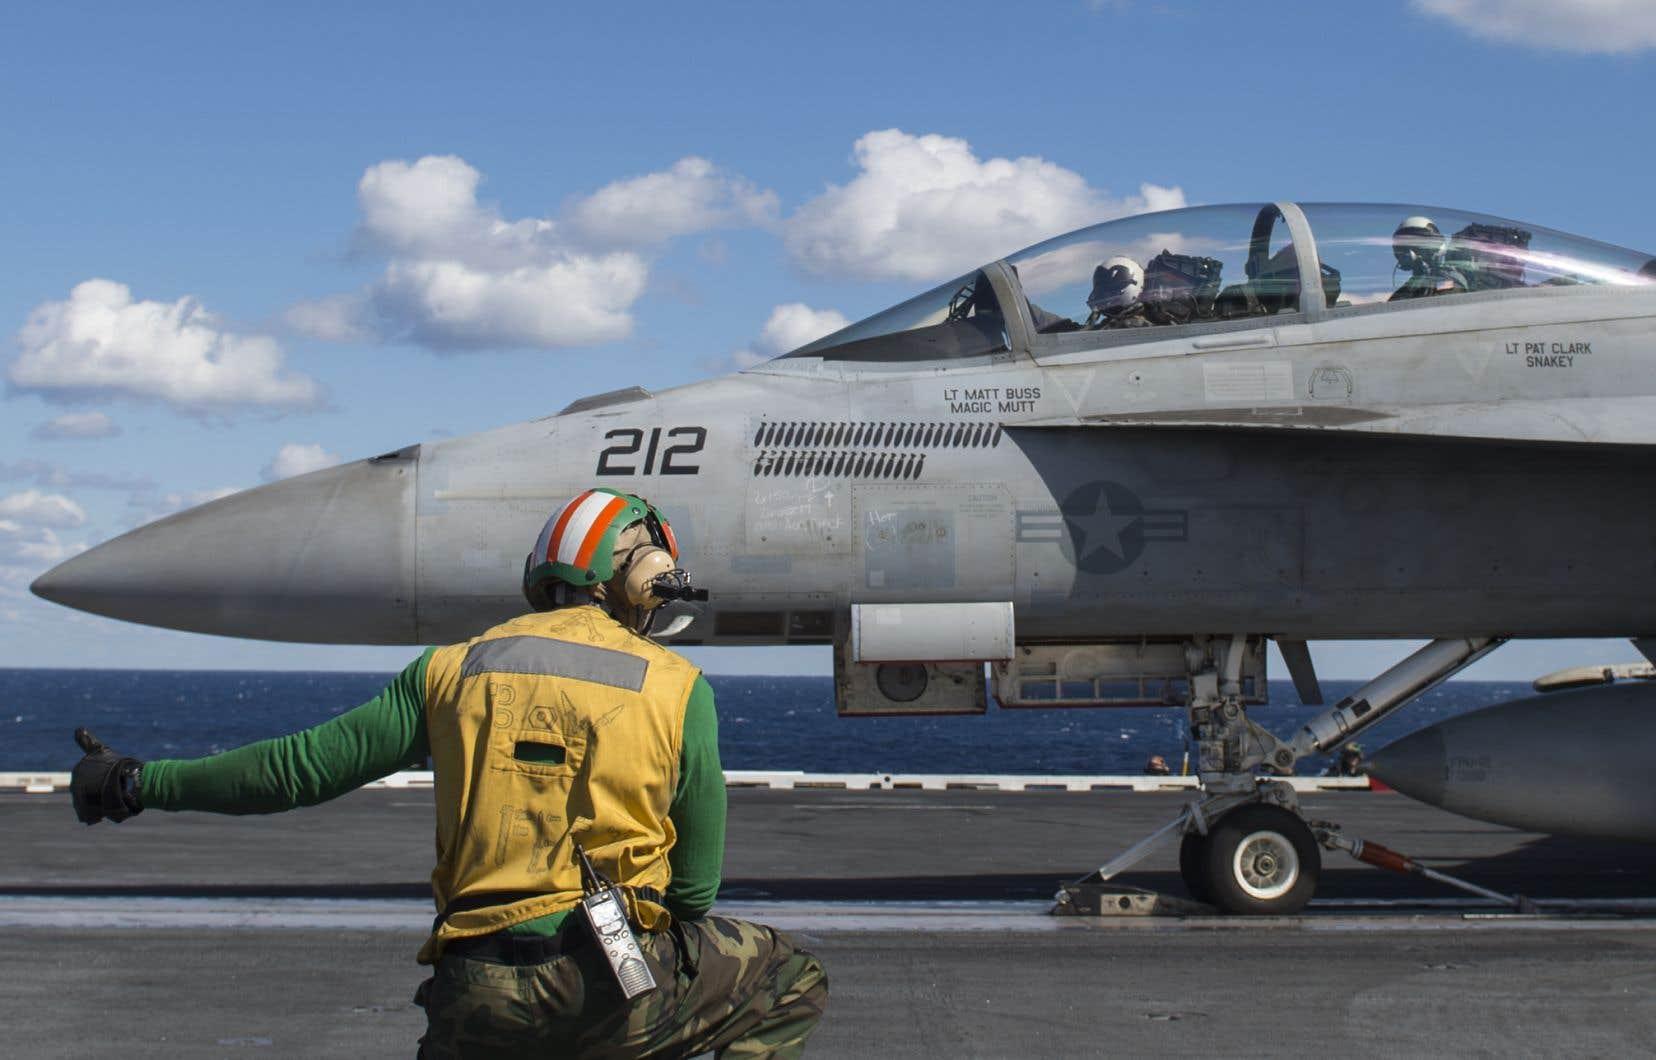 Héroux-Devtek a été retenue par Boeing pour la fabrication du train d'atterrissage principal des avions de chasse Super Hornet F18 et du EA-18G Growler (photo).